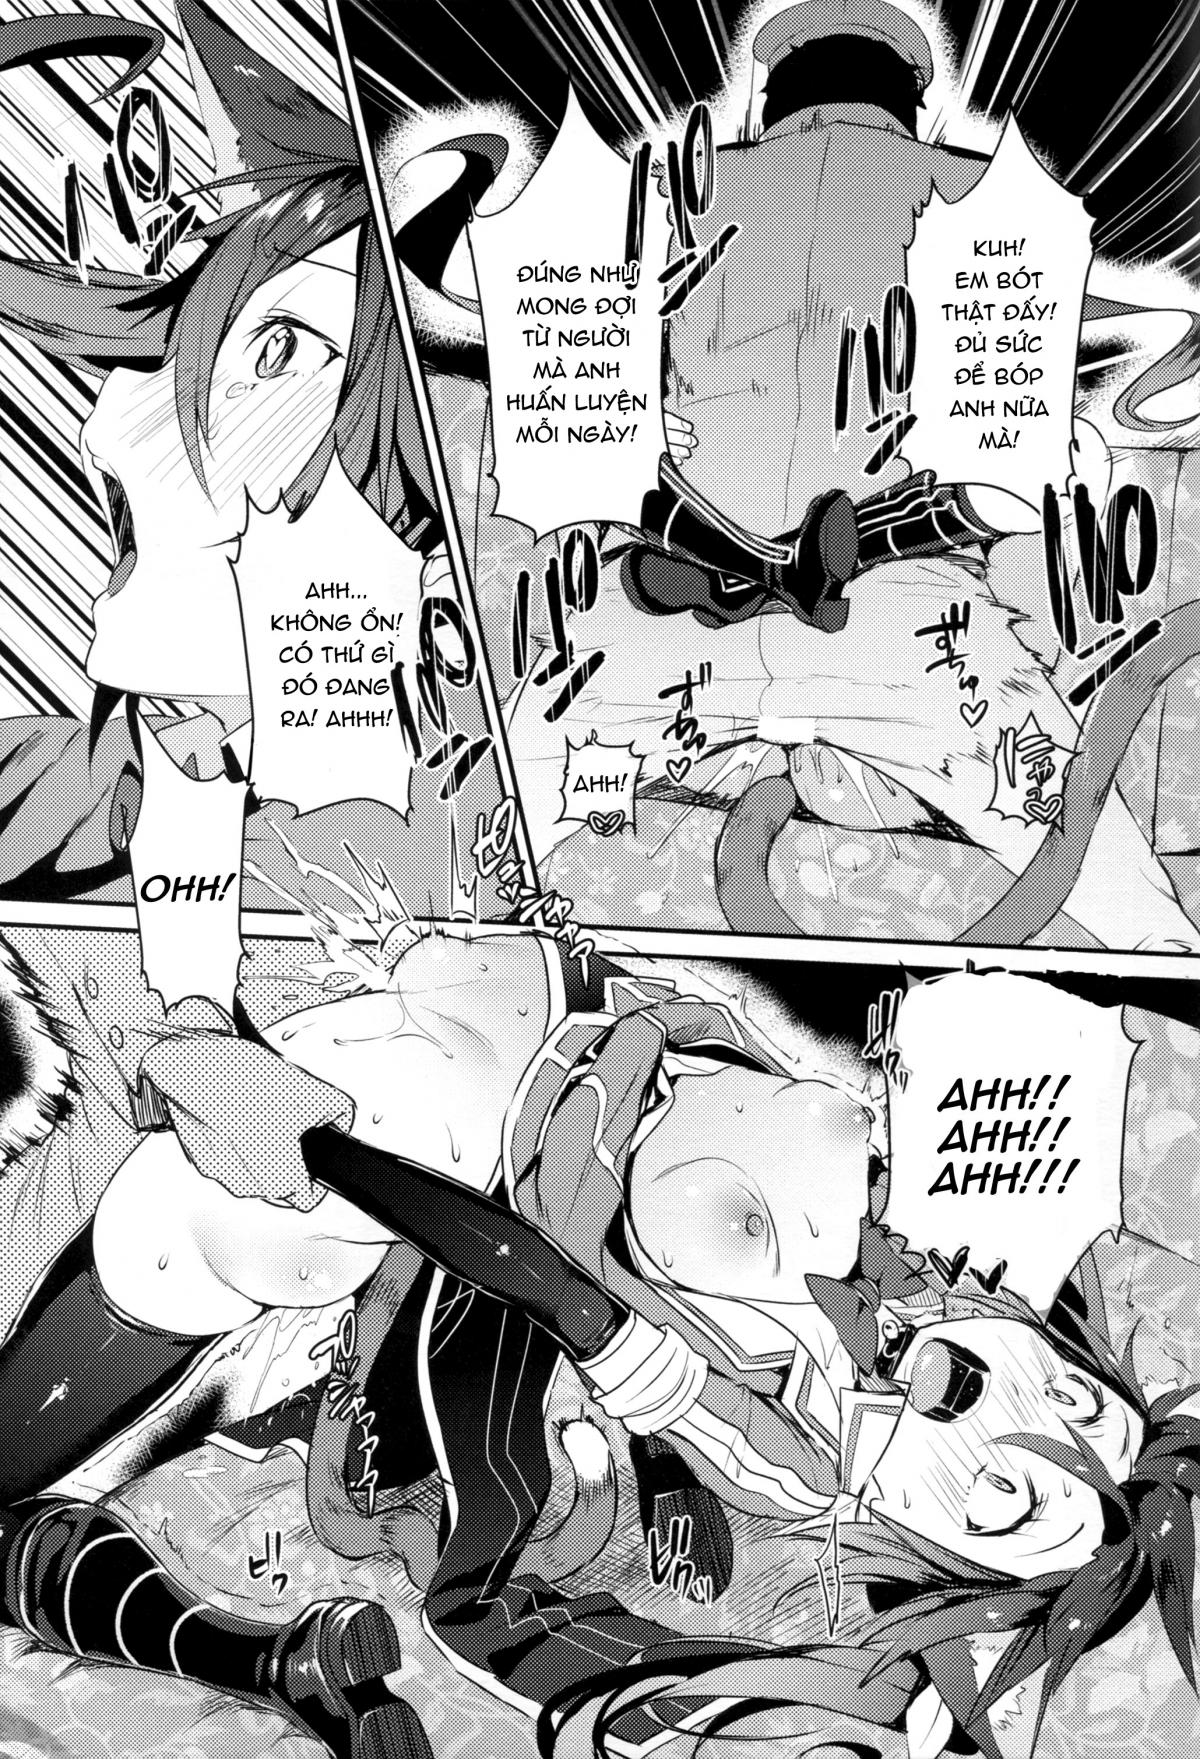 Hình ảnh  trong bài viết Truyện hentai Neko-gata Catapult